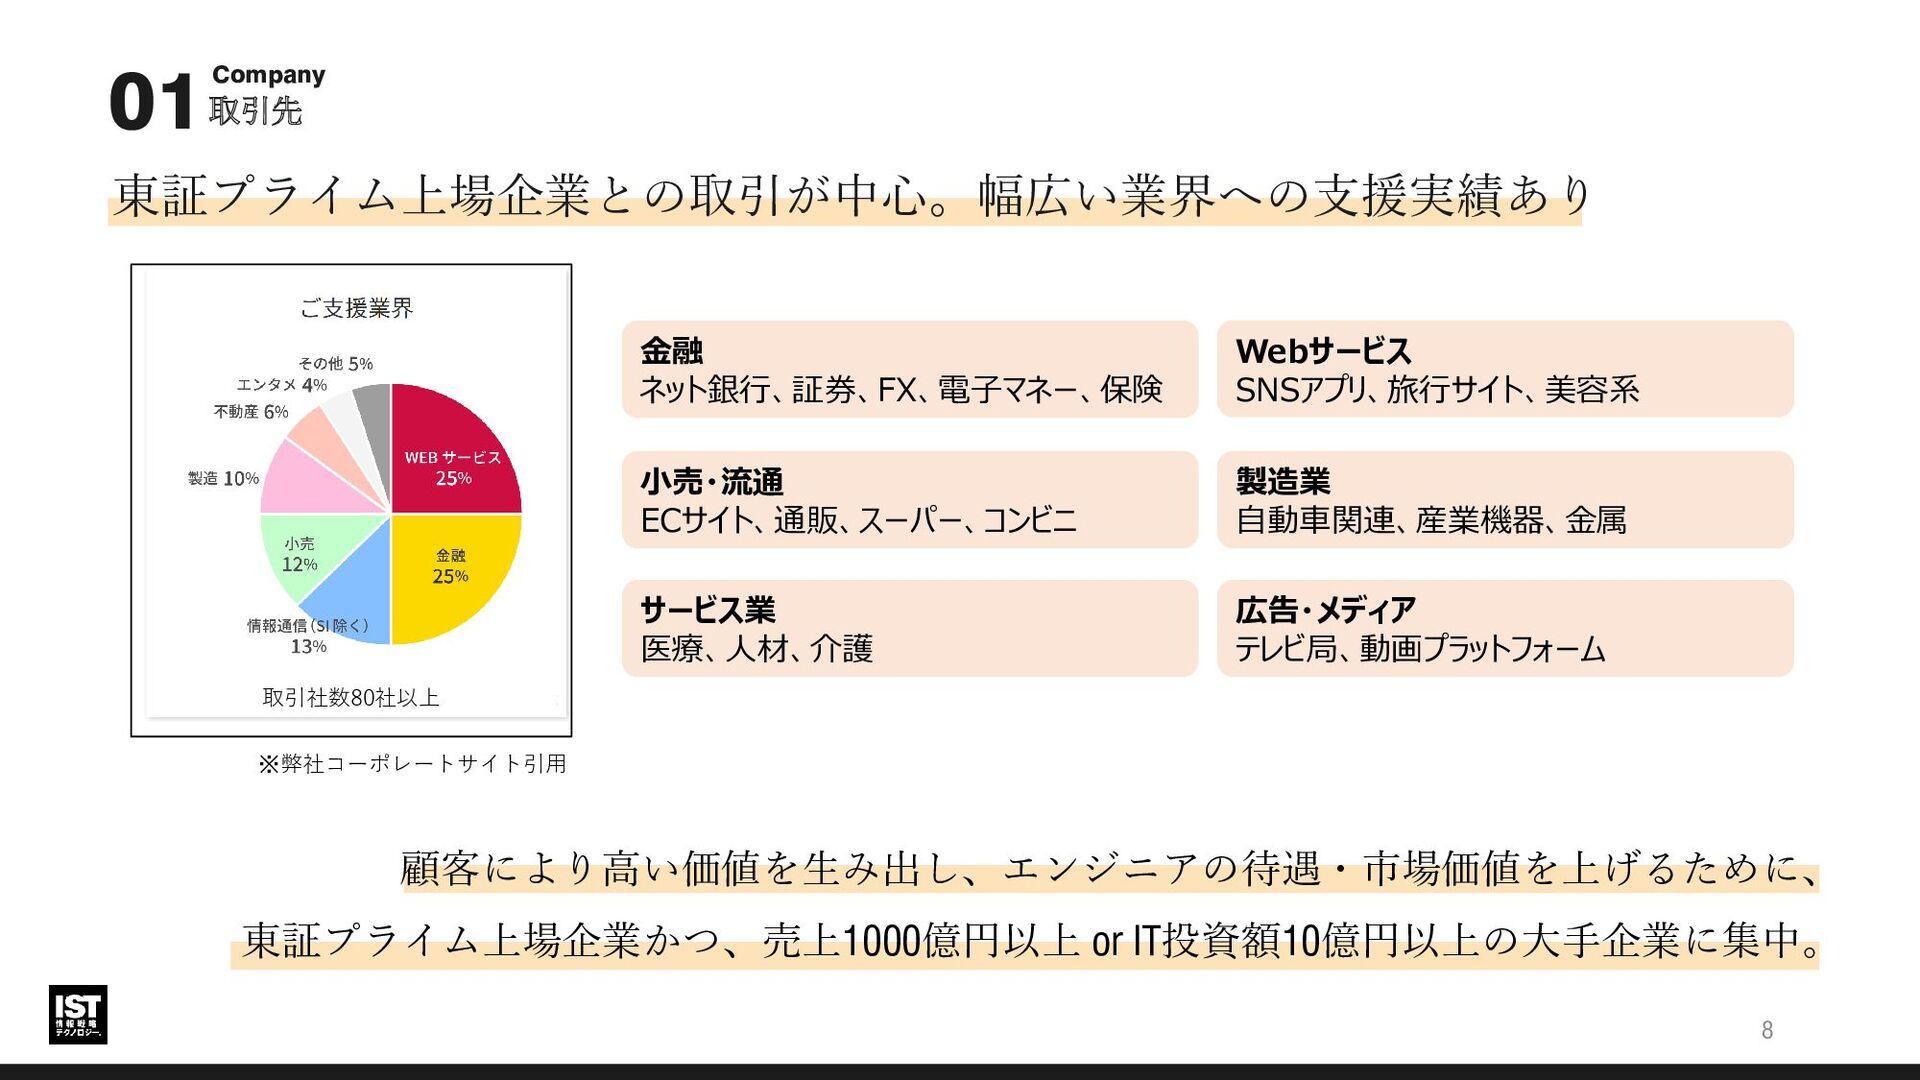 需要、伸びています。コロナ禍の乗り切り12期連続増収中。 【参照】10年以上増収を続ける上場企...